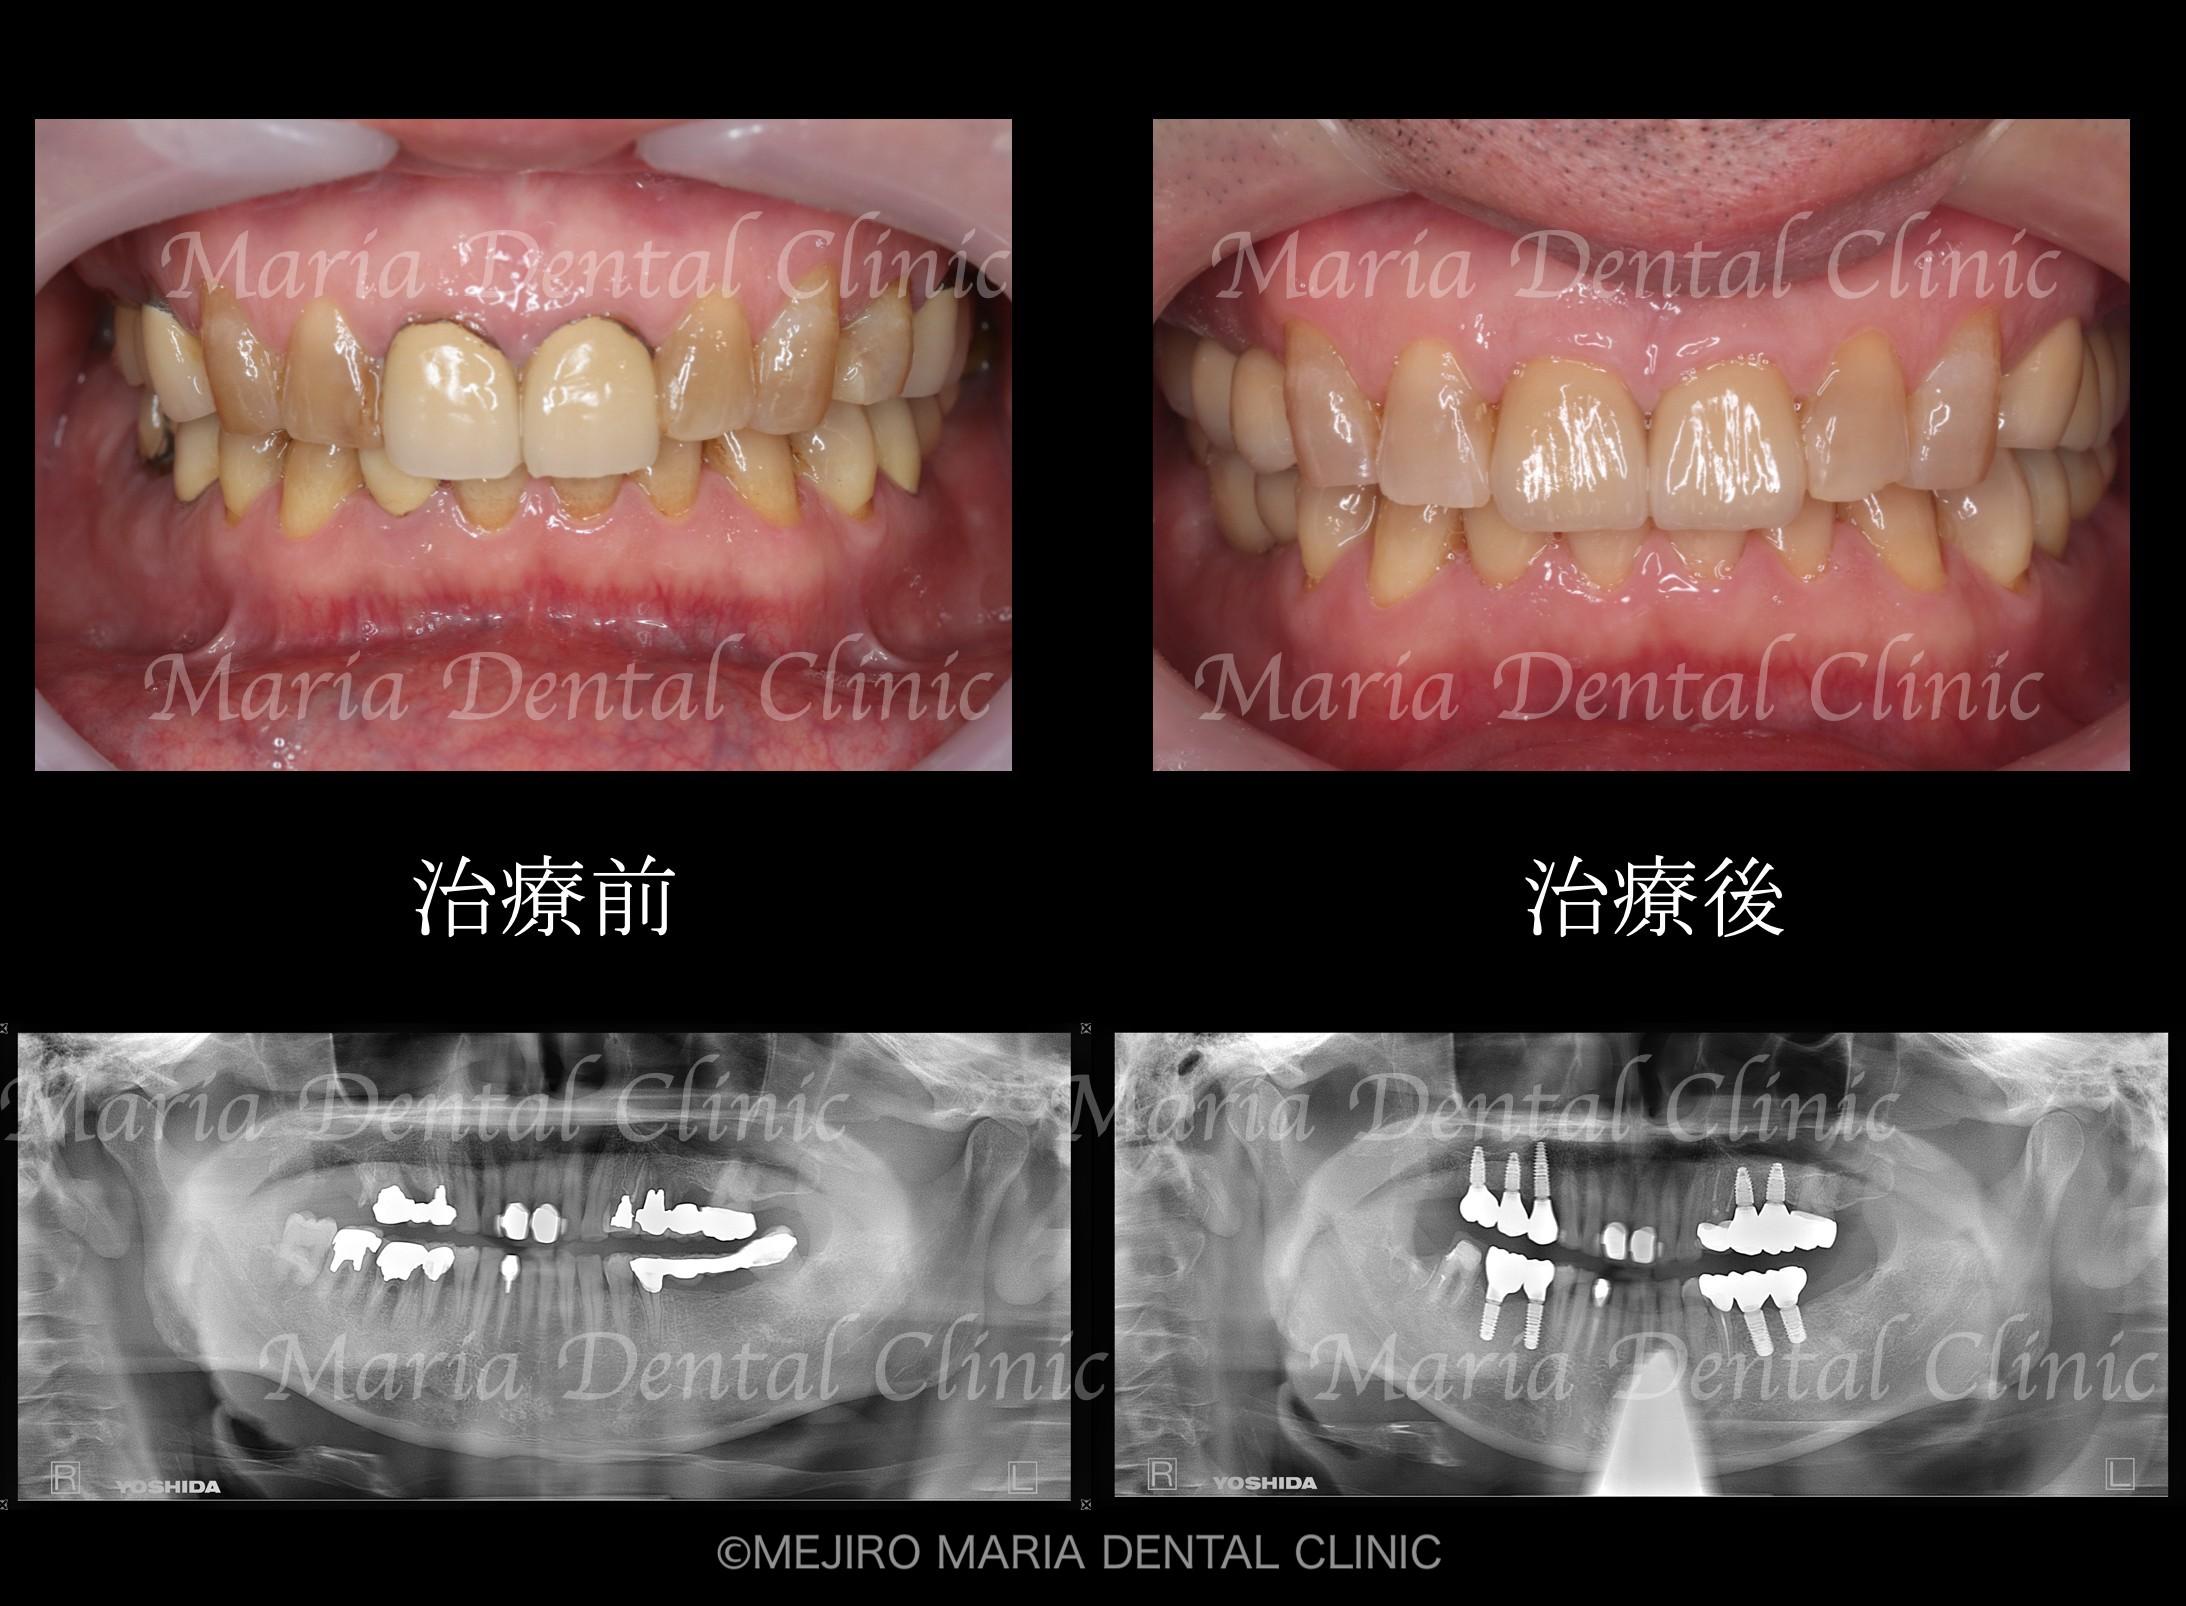 目白マリア歯科【症例】チーム医療で行った全顎的な治療:精密根管治療による歯の保存と咬合崩壊を防ぐインプラント治療|治療前後の歯の比較画像_メイン2-1